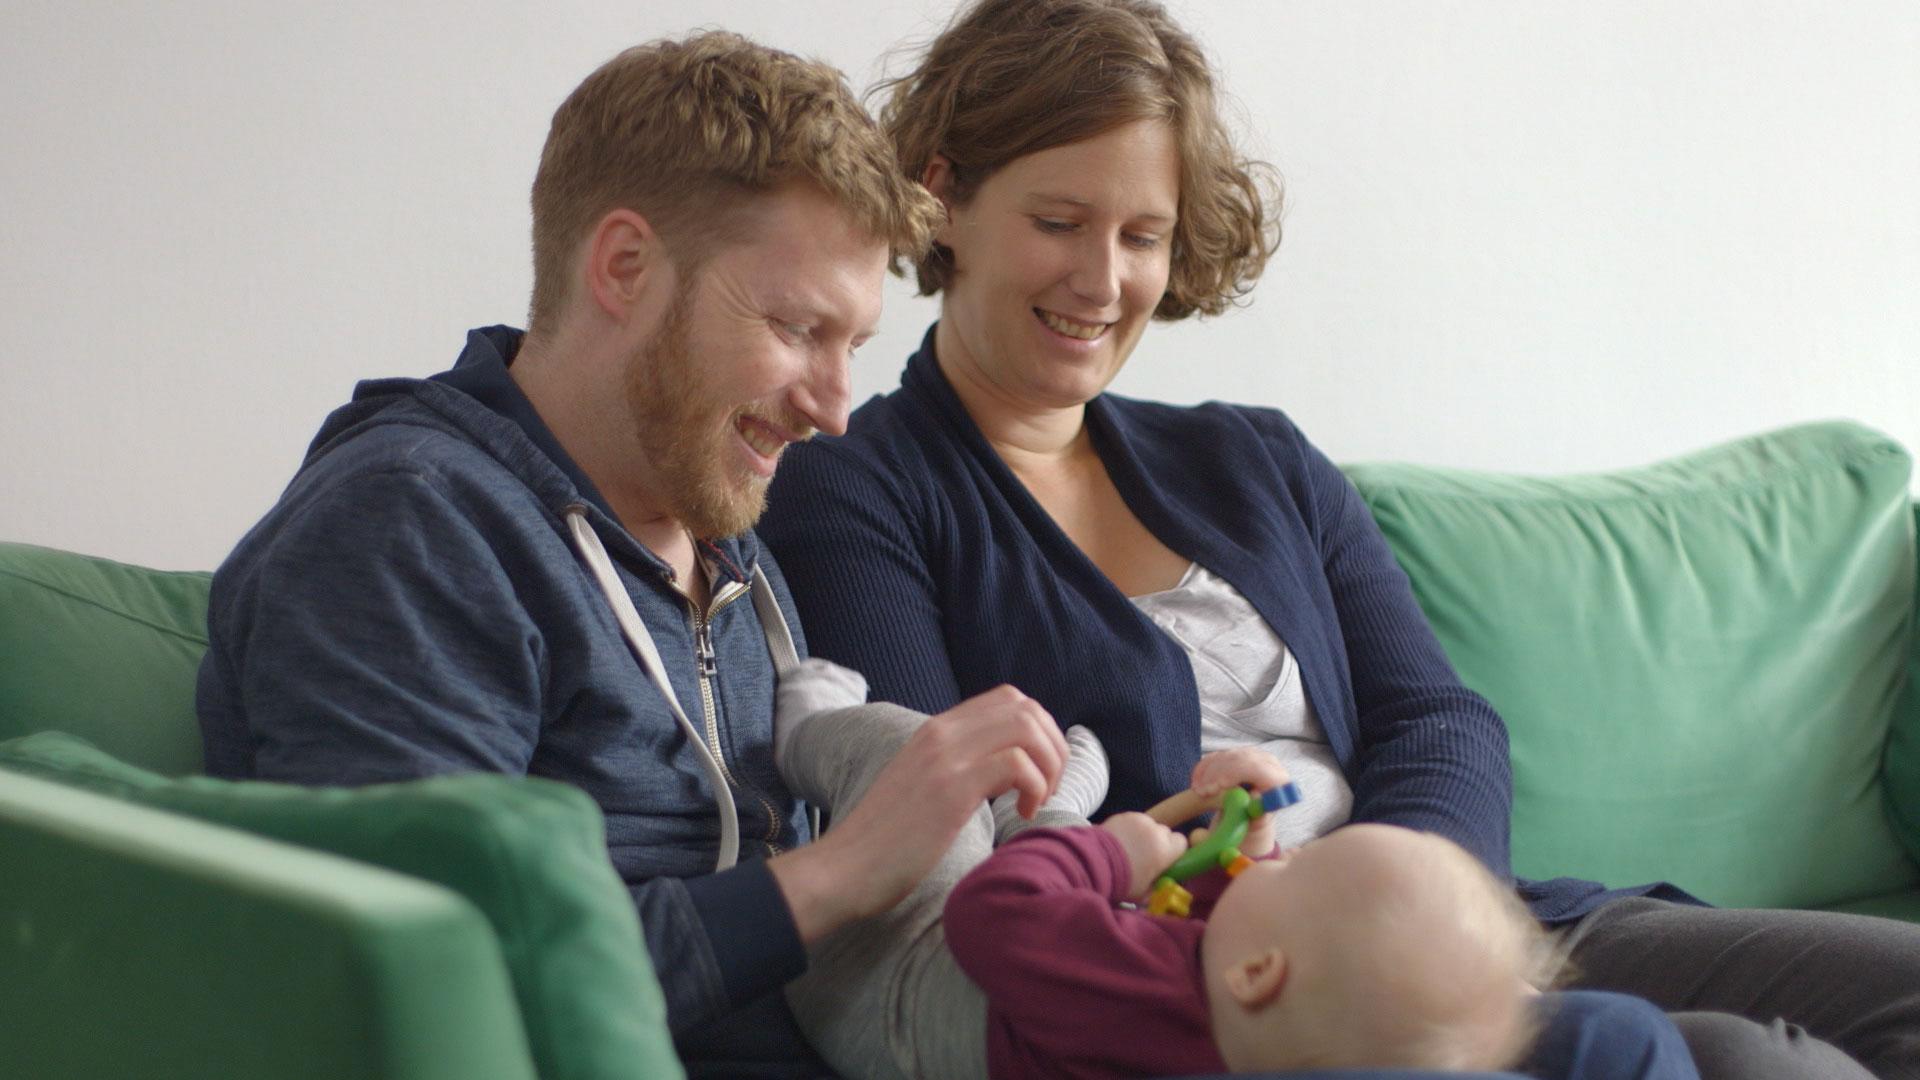 animo-film-Eltern-zusammen-mit-Kind